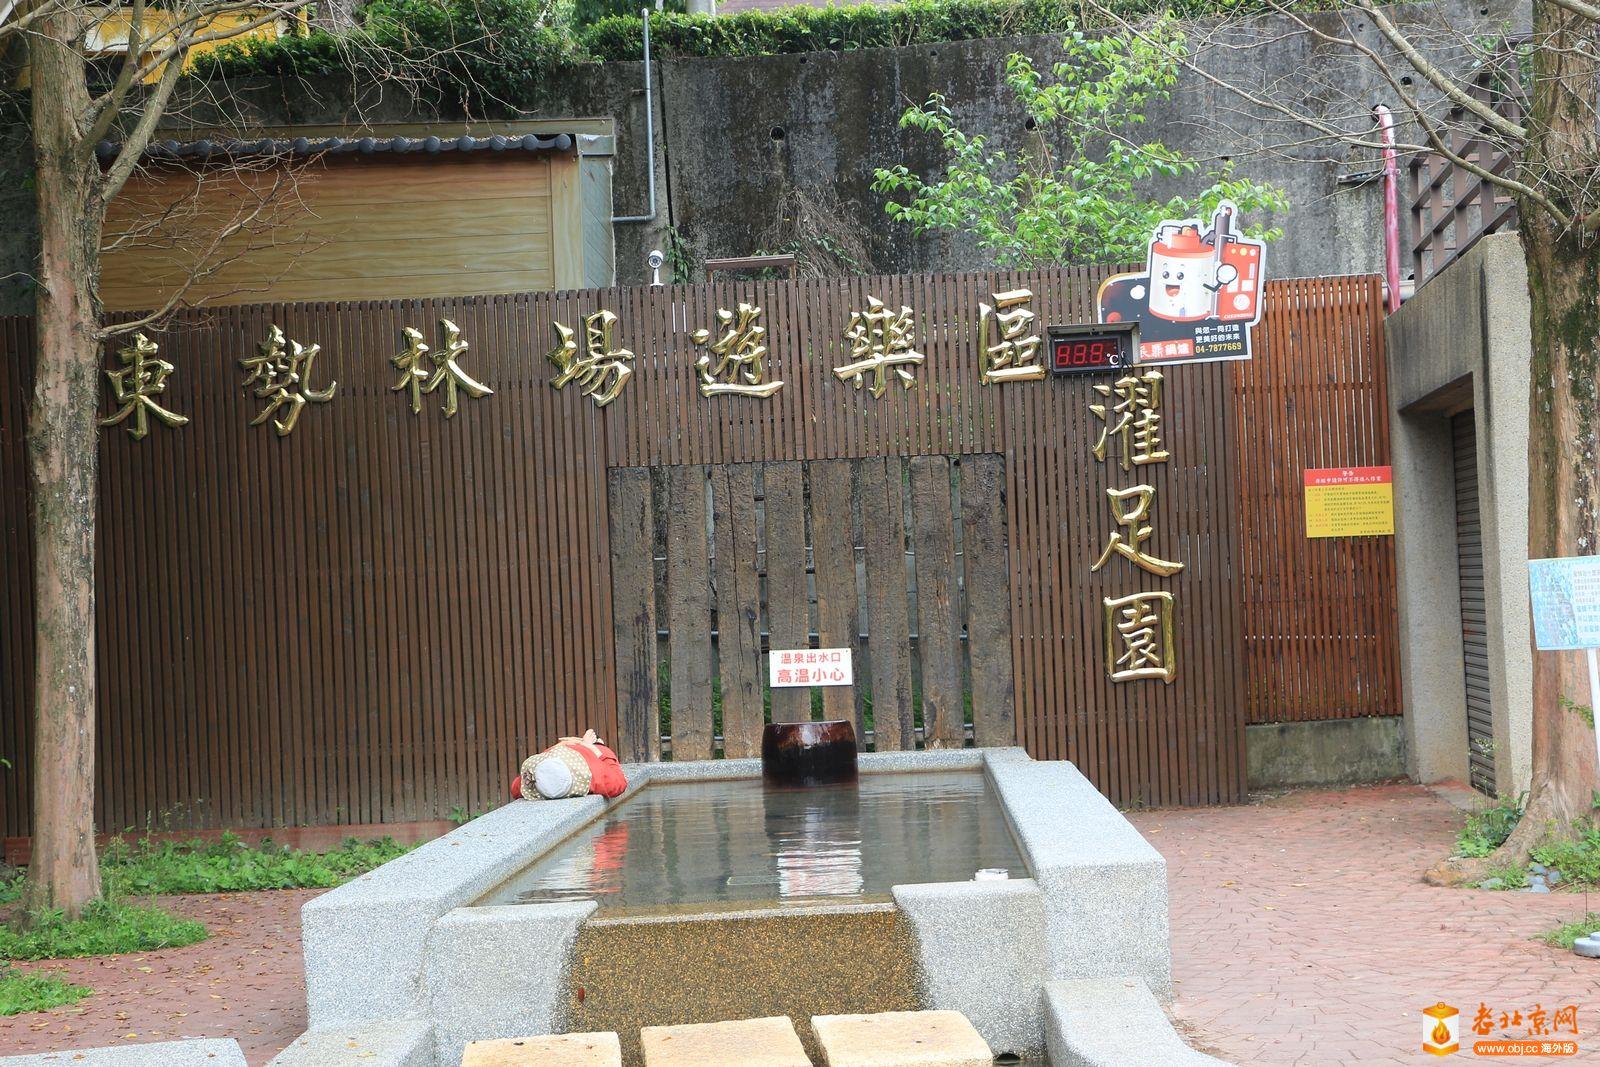 台灣中部三日遊之東勢林場與新竹晚餐篇